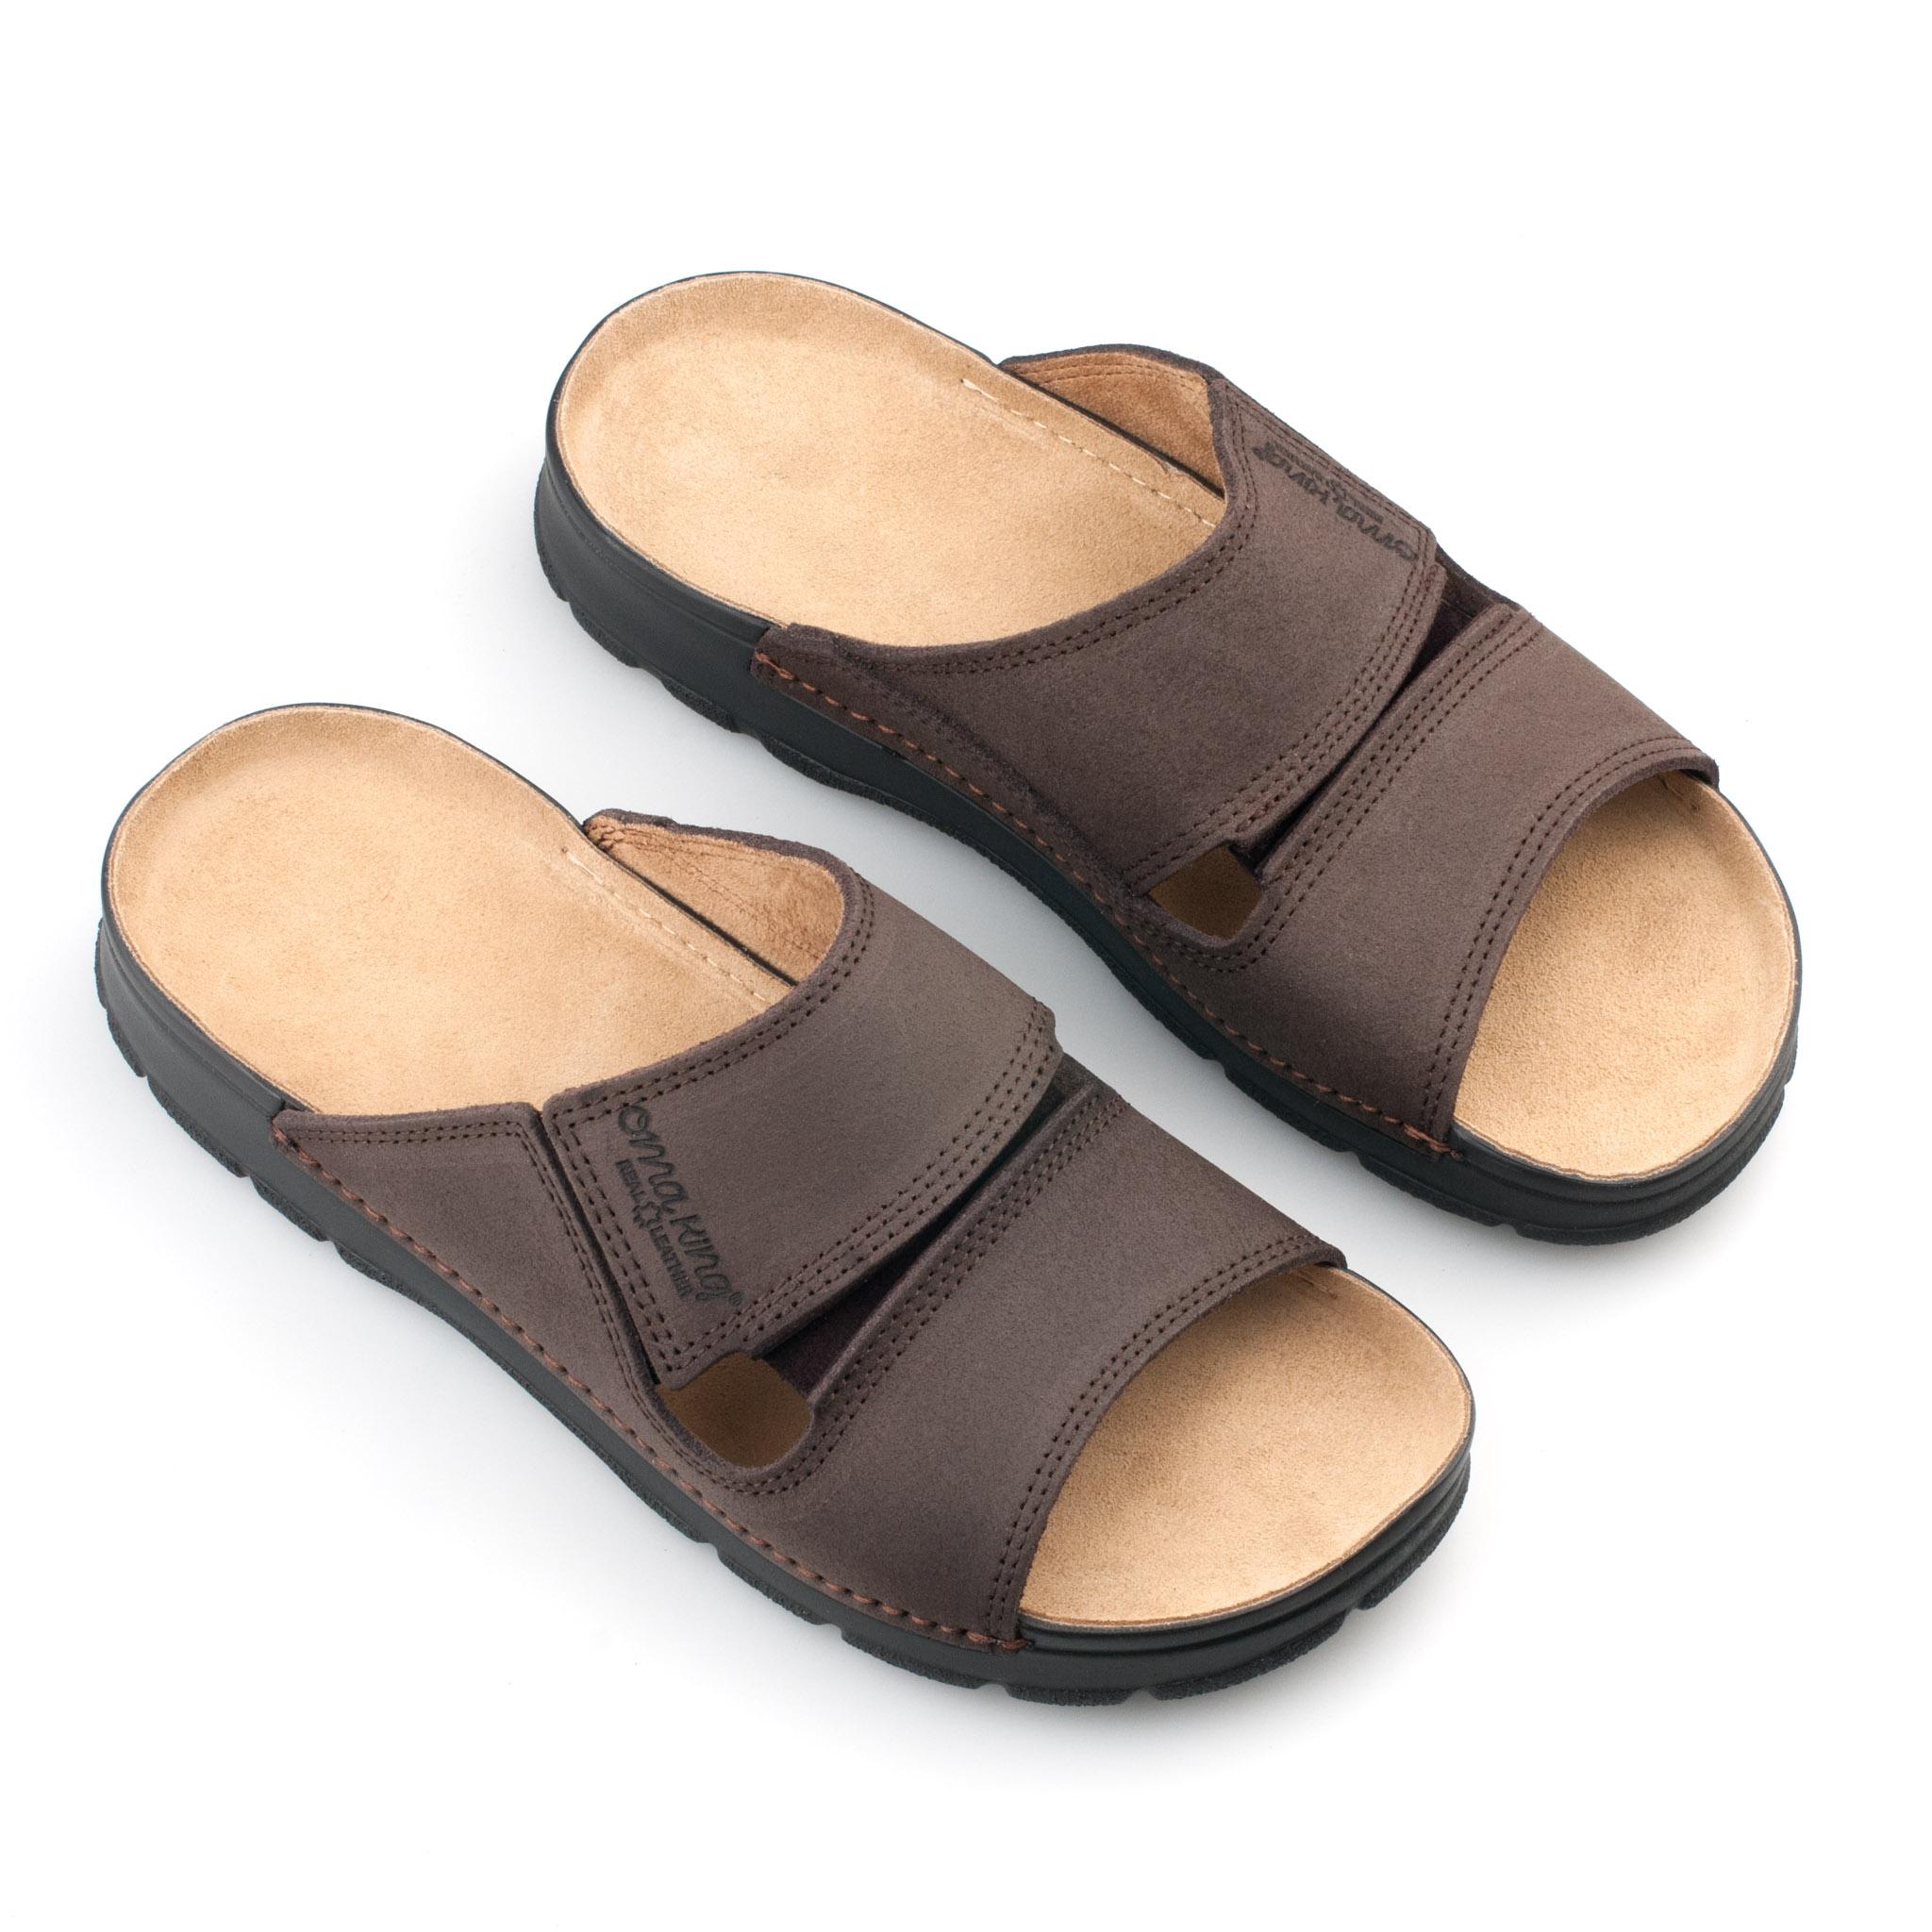 b2bce3b4c8b OmaKing jalgatorgatavad nahast sandaalid Miku pruun. OmaKing  jalgatorgatavad ...